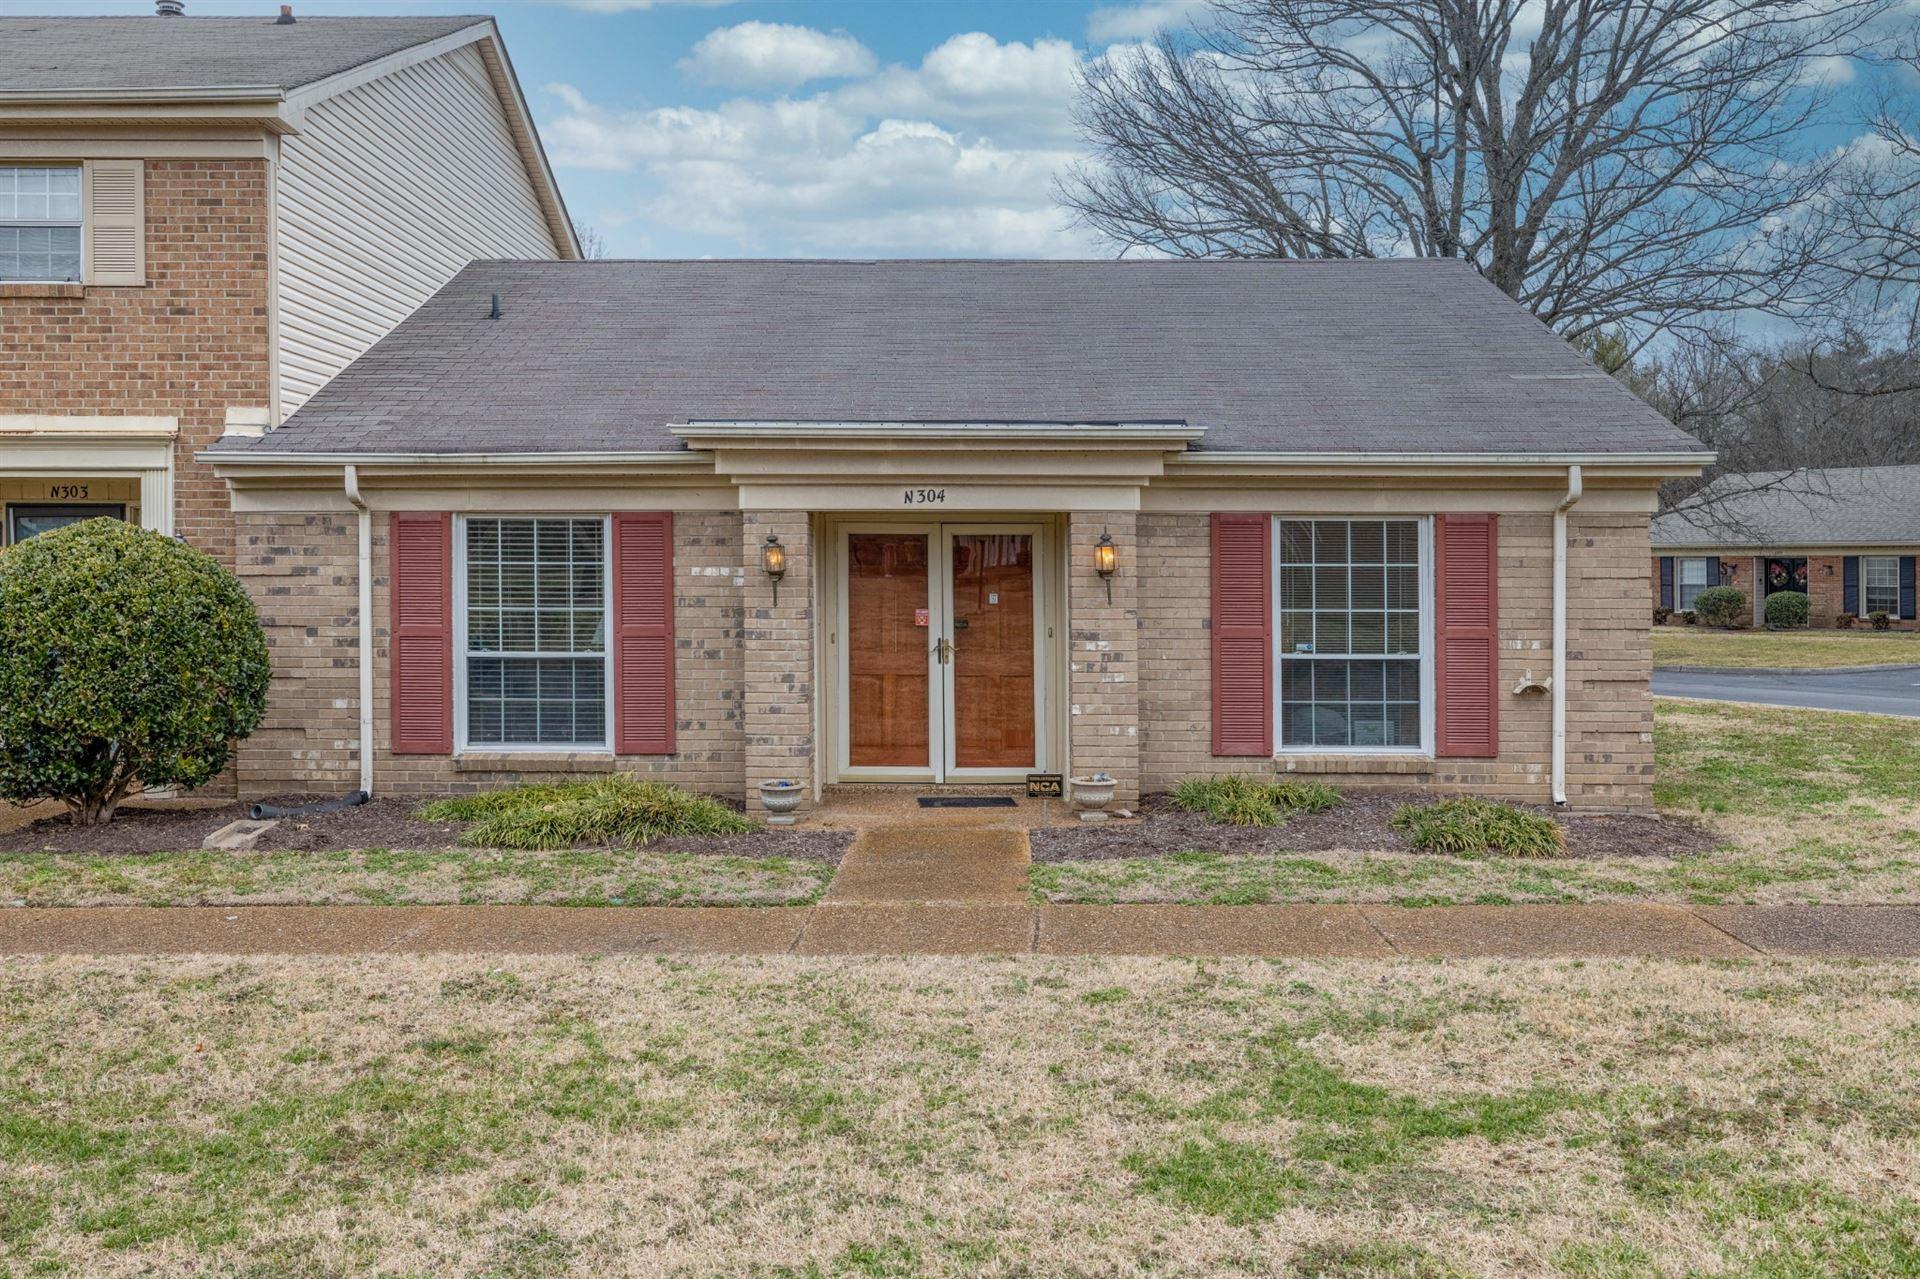 8300 Sawyer Brown Rd APT N304, Nashville, TN 37221 - MLS#: 2219031